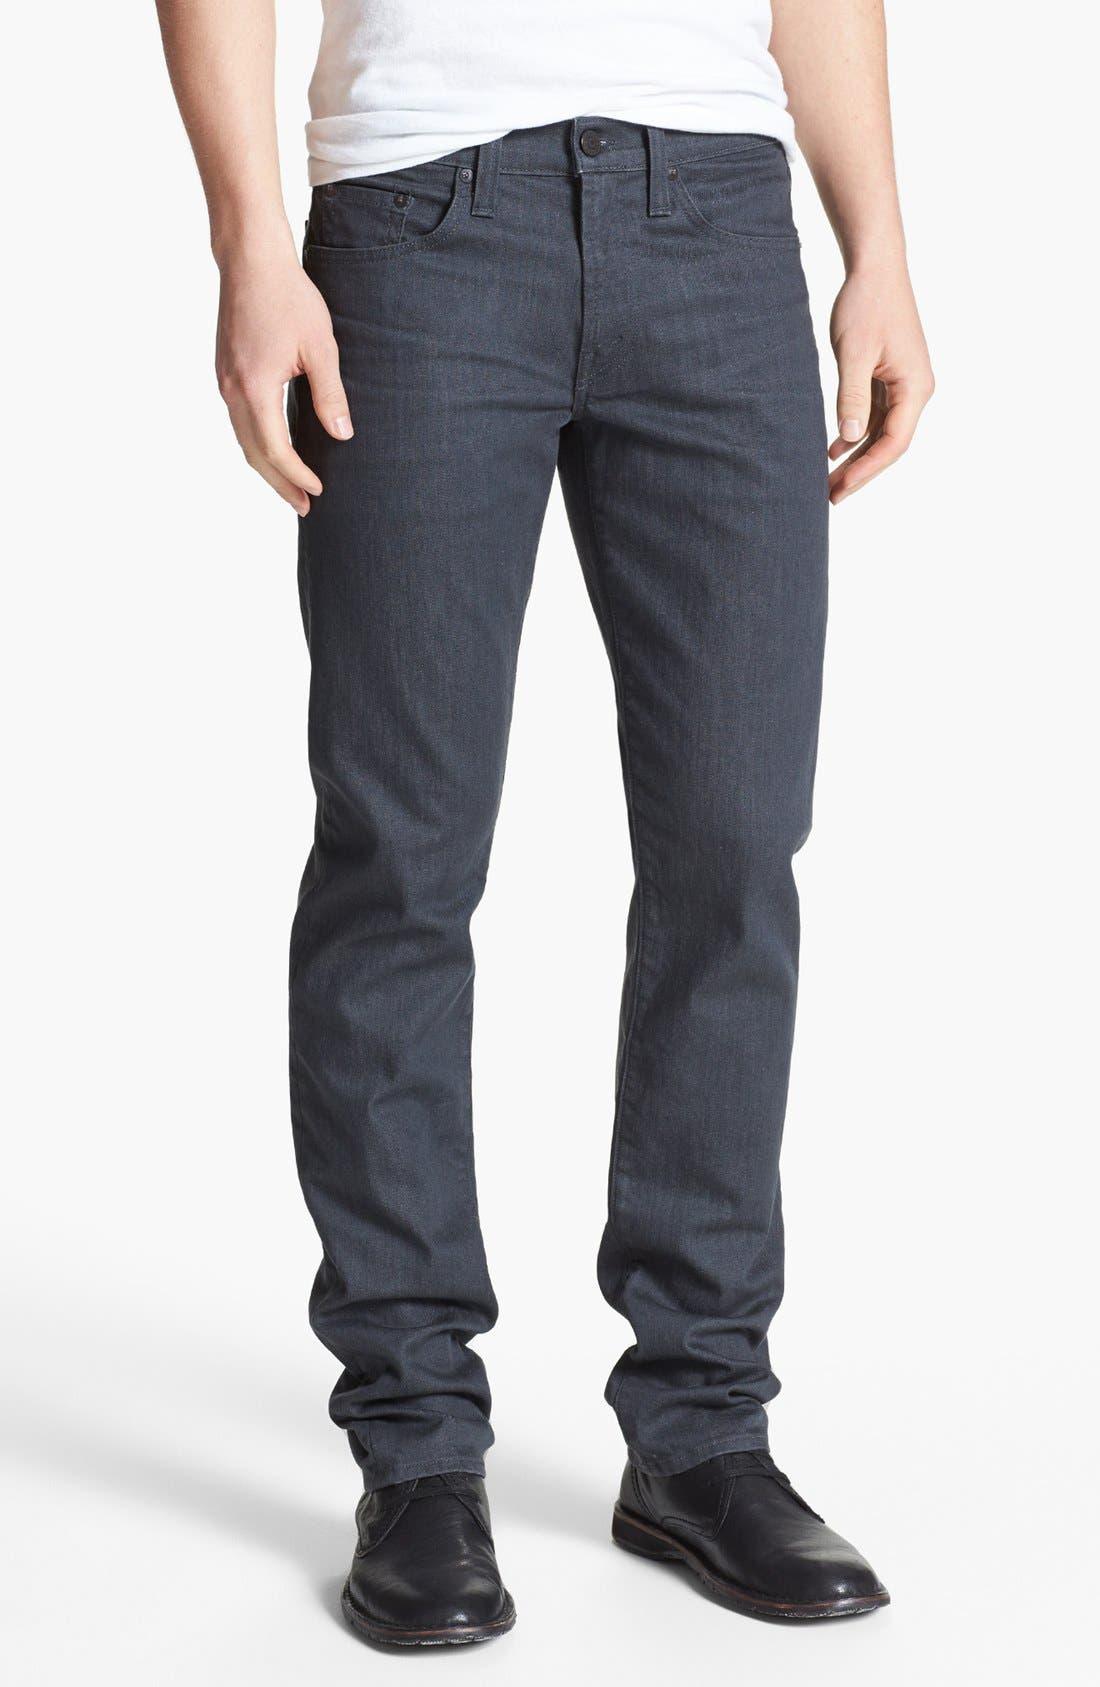 J BRAND, Tyler Slim Fit Jeans, Main thumbnail 1, color, SLATE RESIN